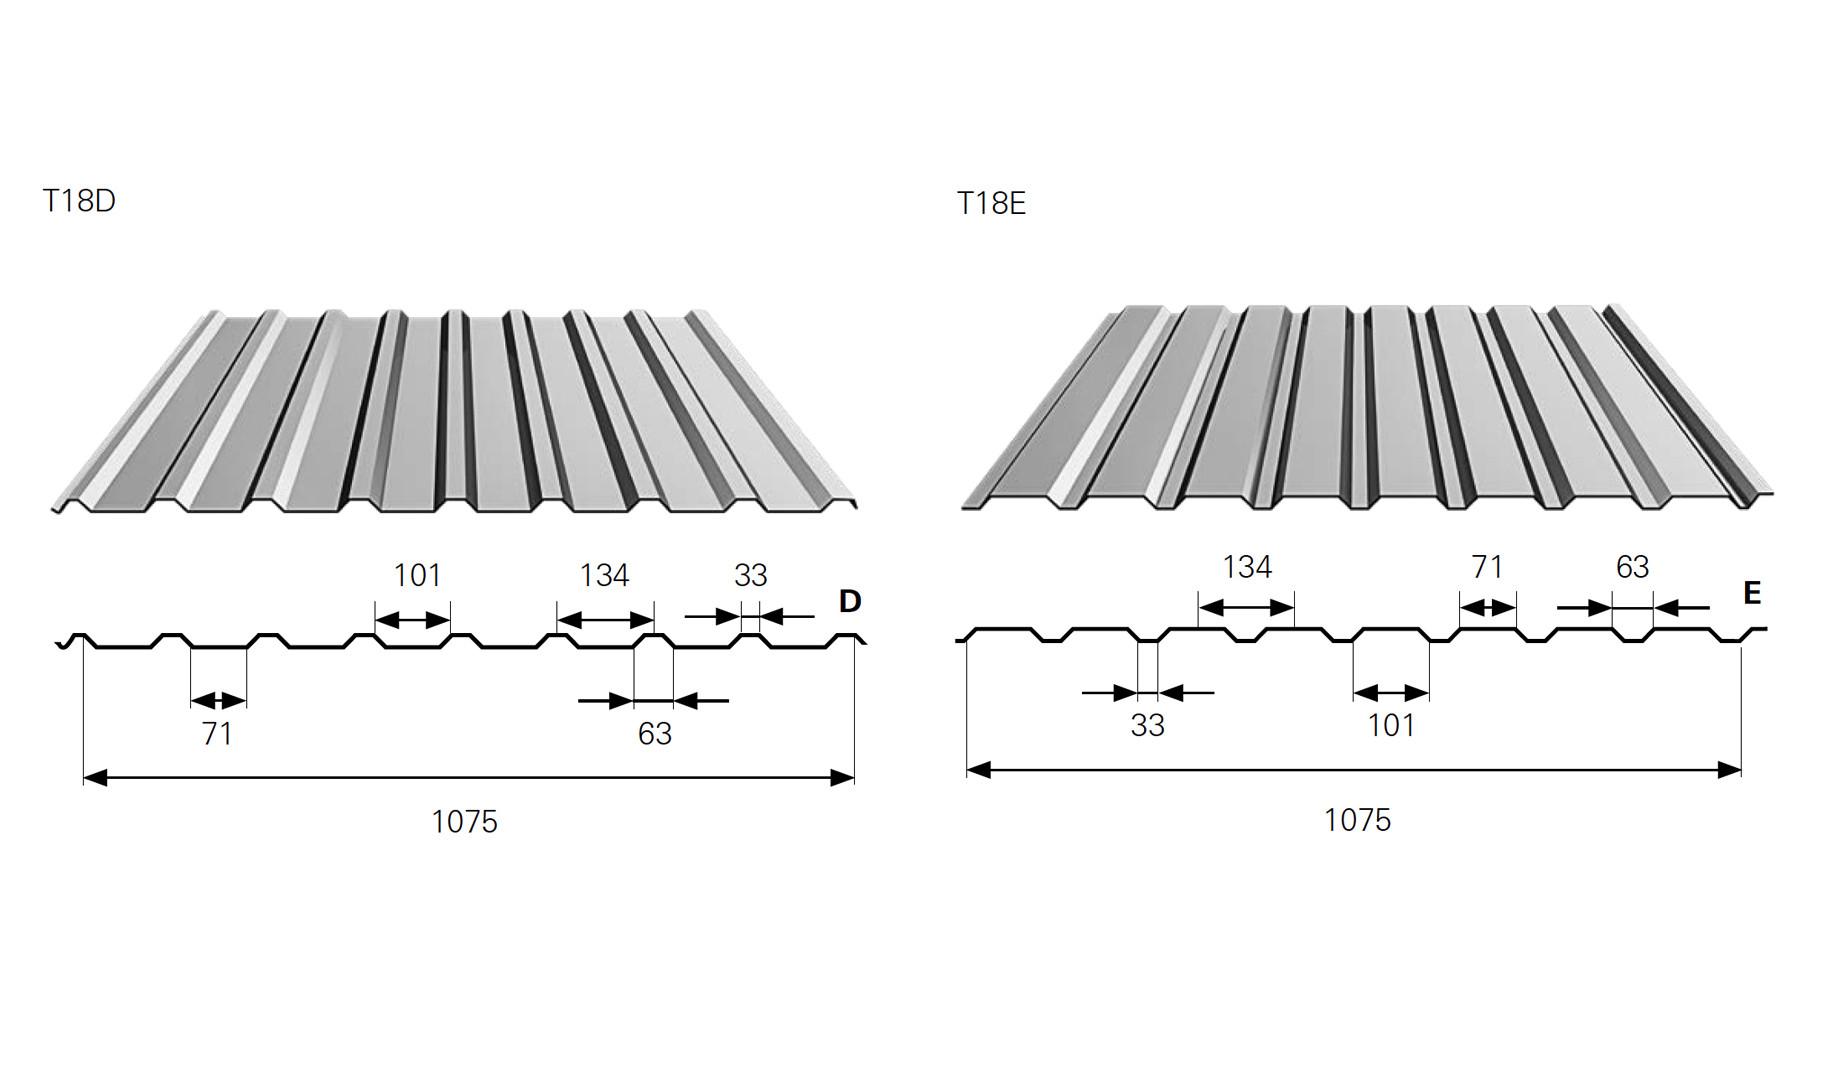 blacha trapezowa t18 specyfikacja